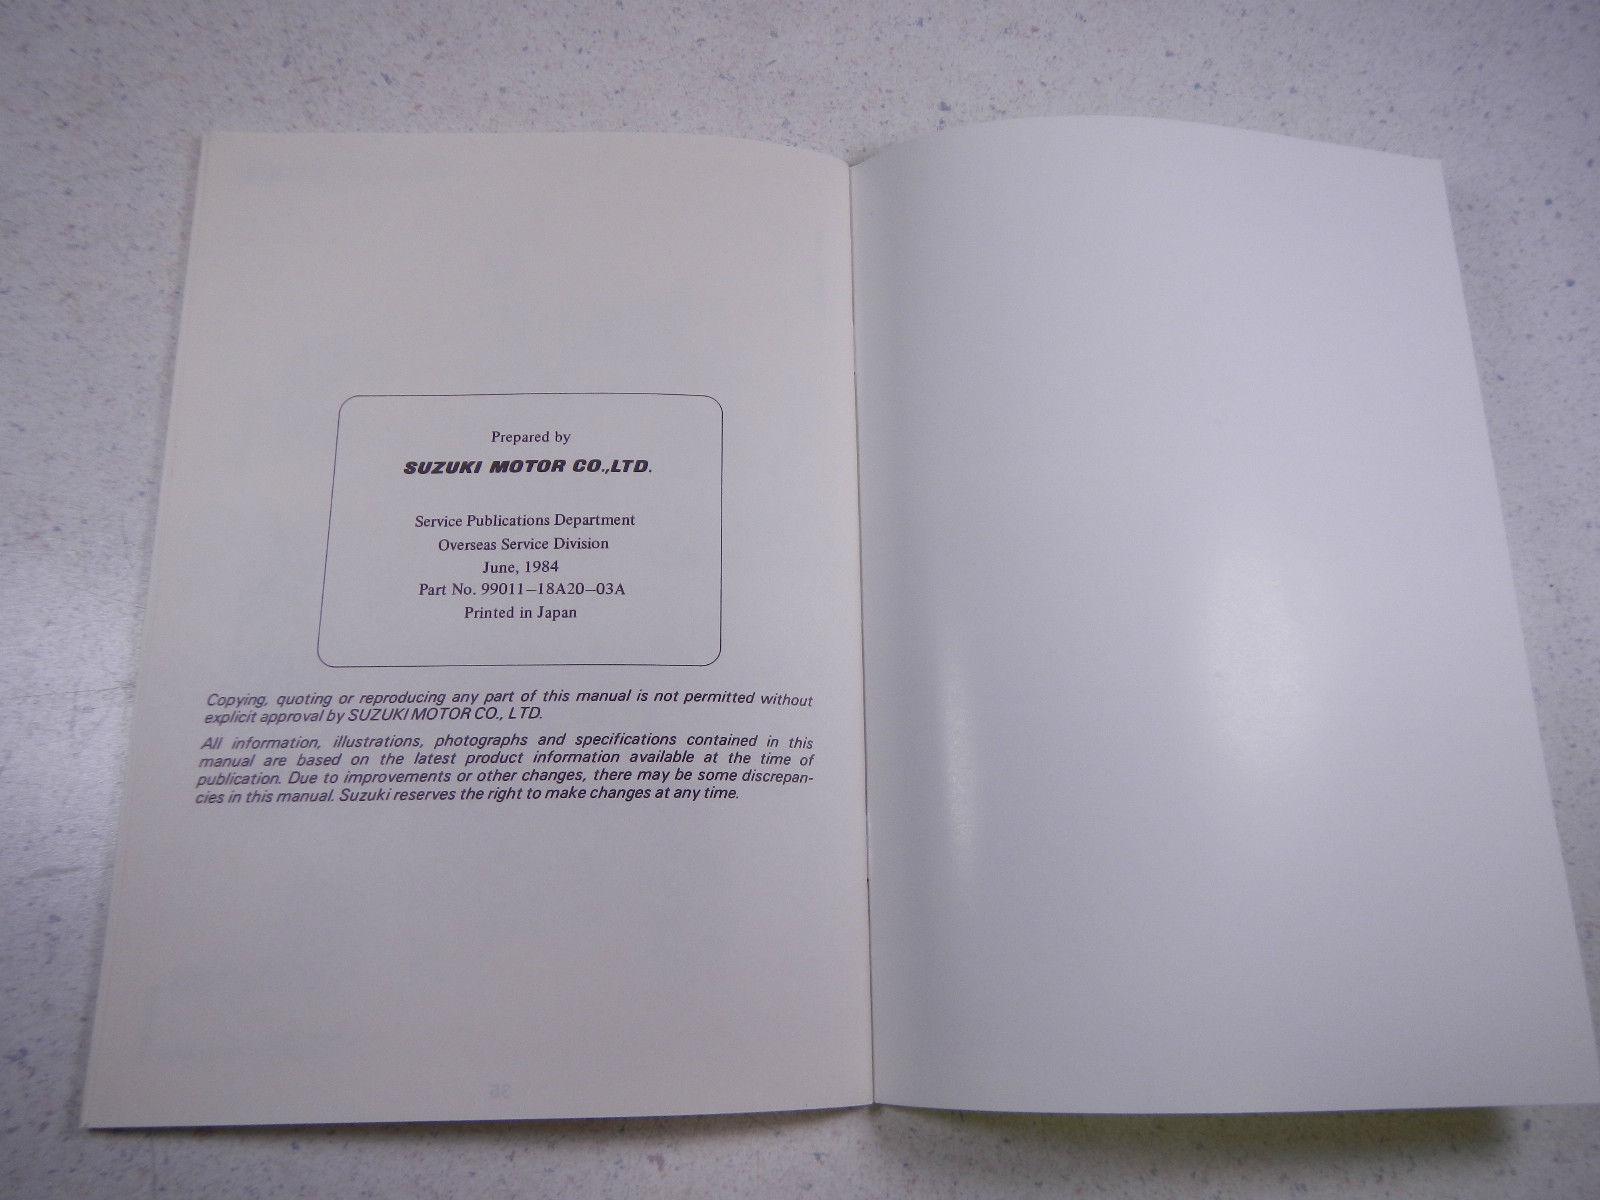 Sharp dk kp80 manual array 1986 suzuki lt230 repair manual ebook rh 1986 suzuki lt230 repair manual ebook dohbots fandeluxe Image collections